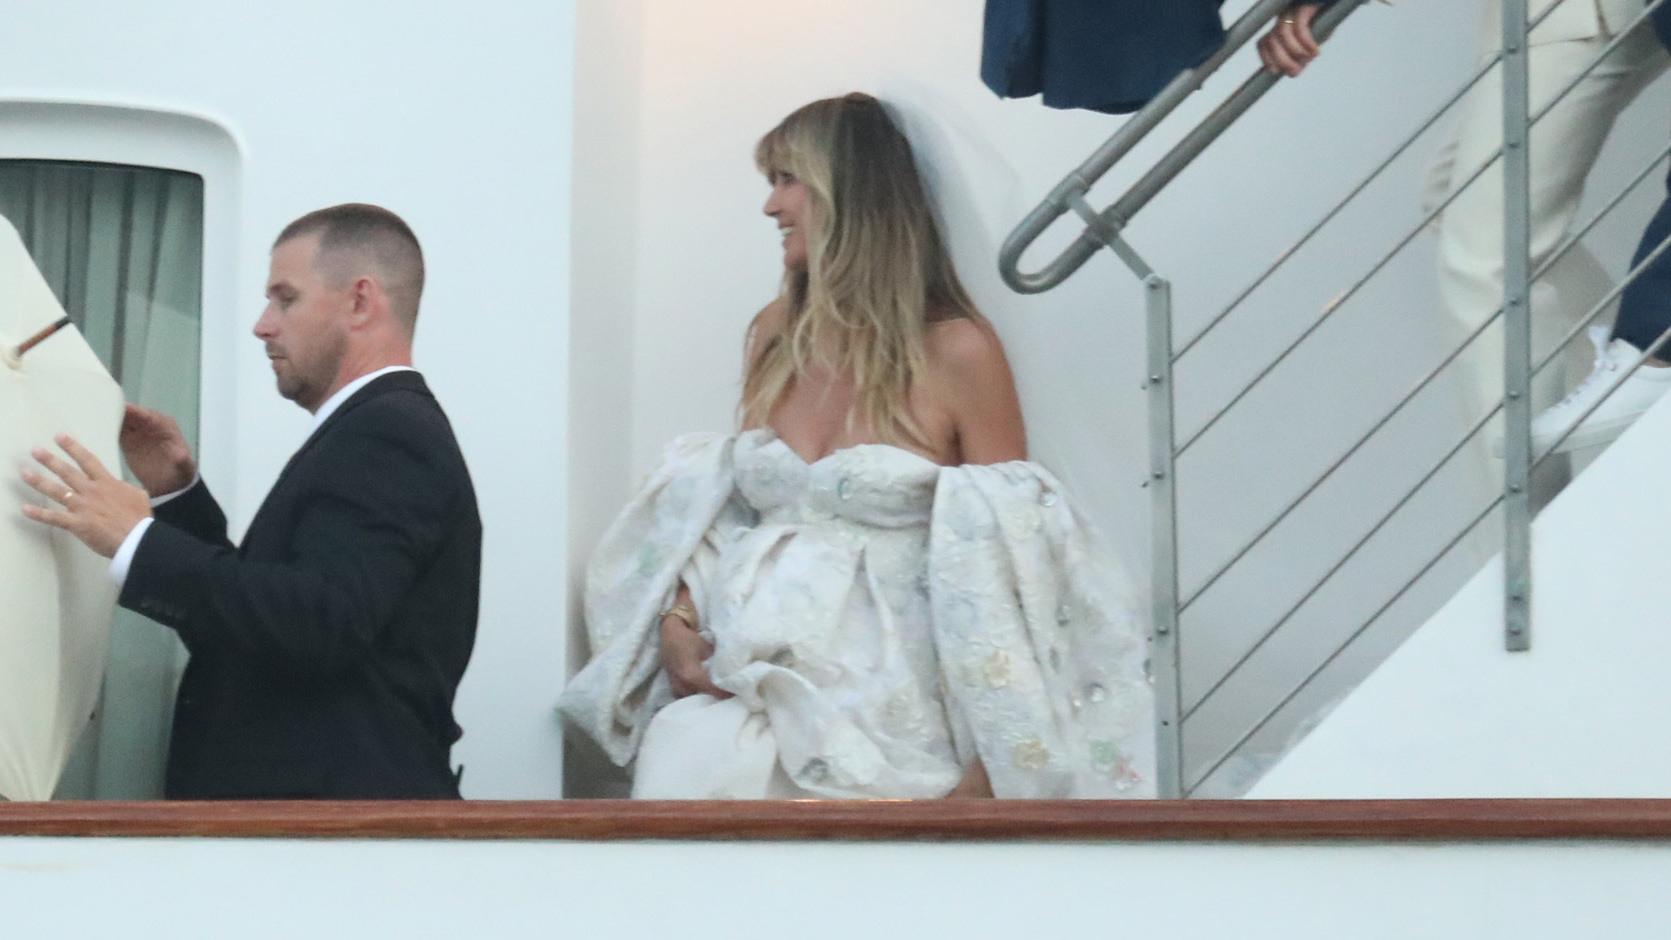 Heidi Klum: So Umwerfend Ist Ihr Hochzeitskleid! | Intouch